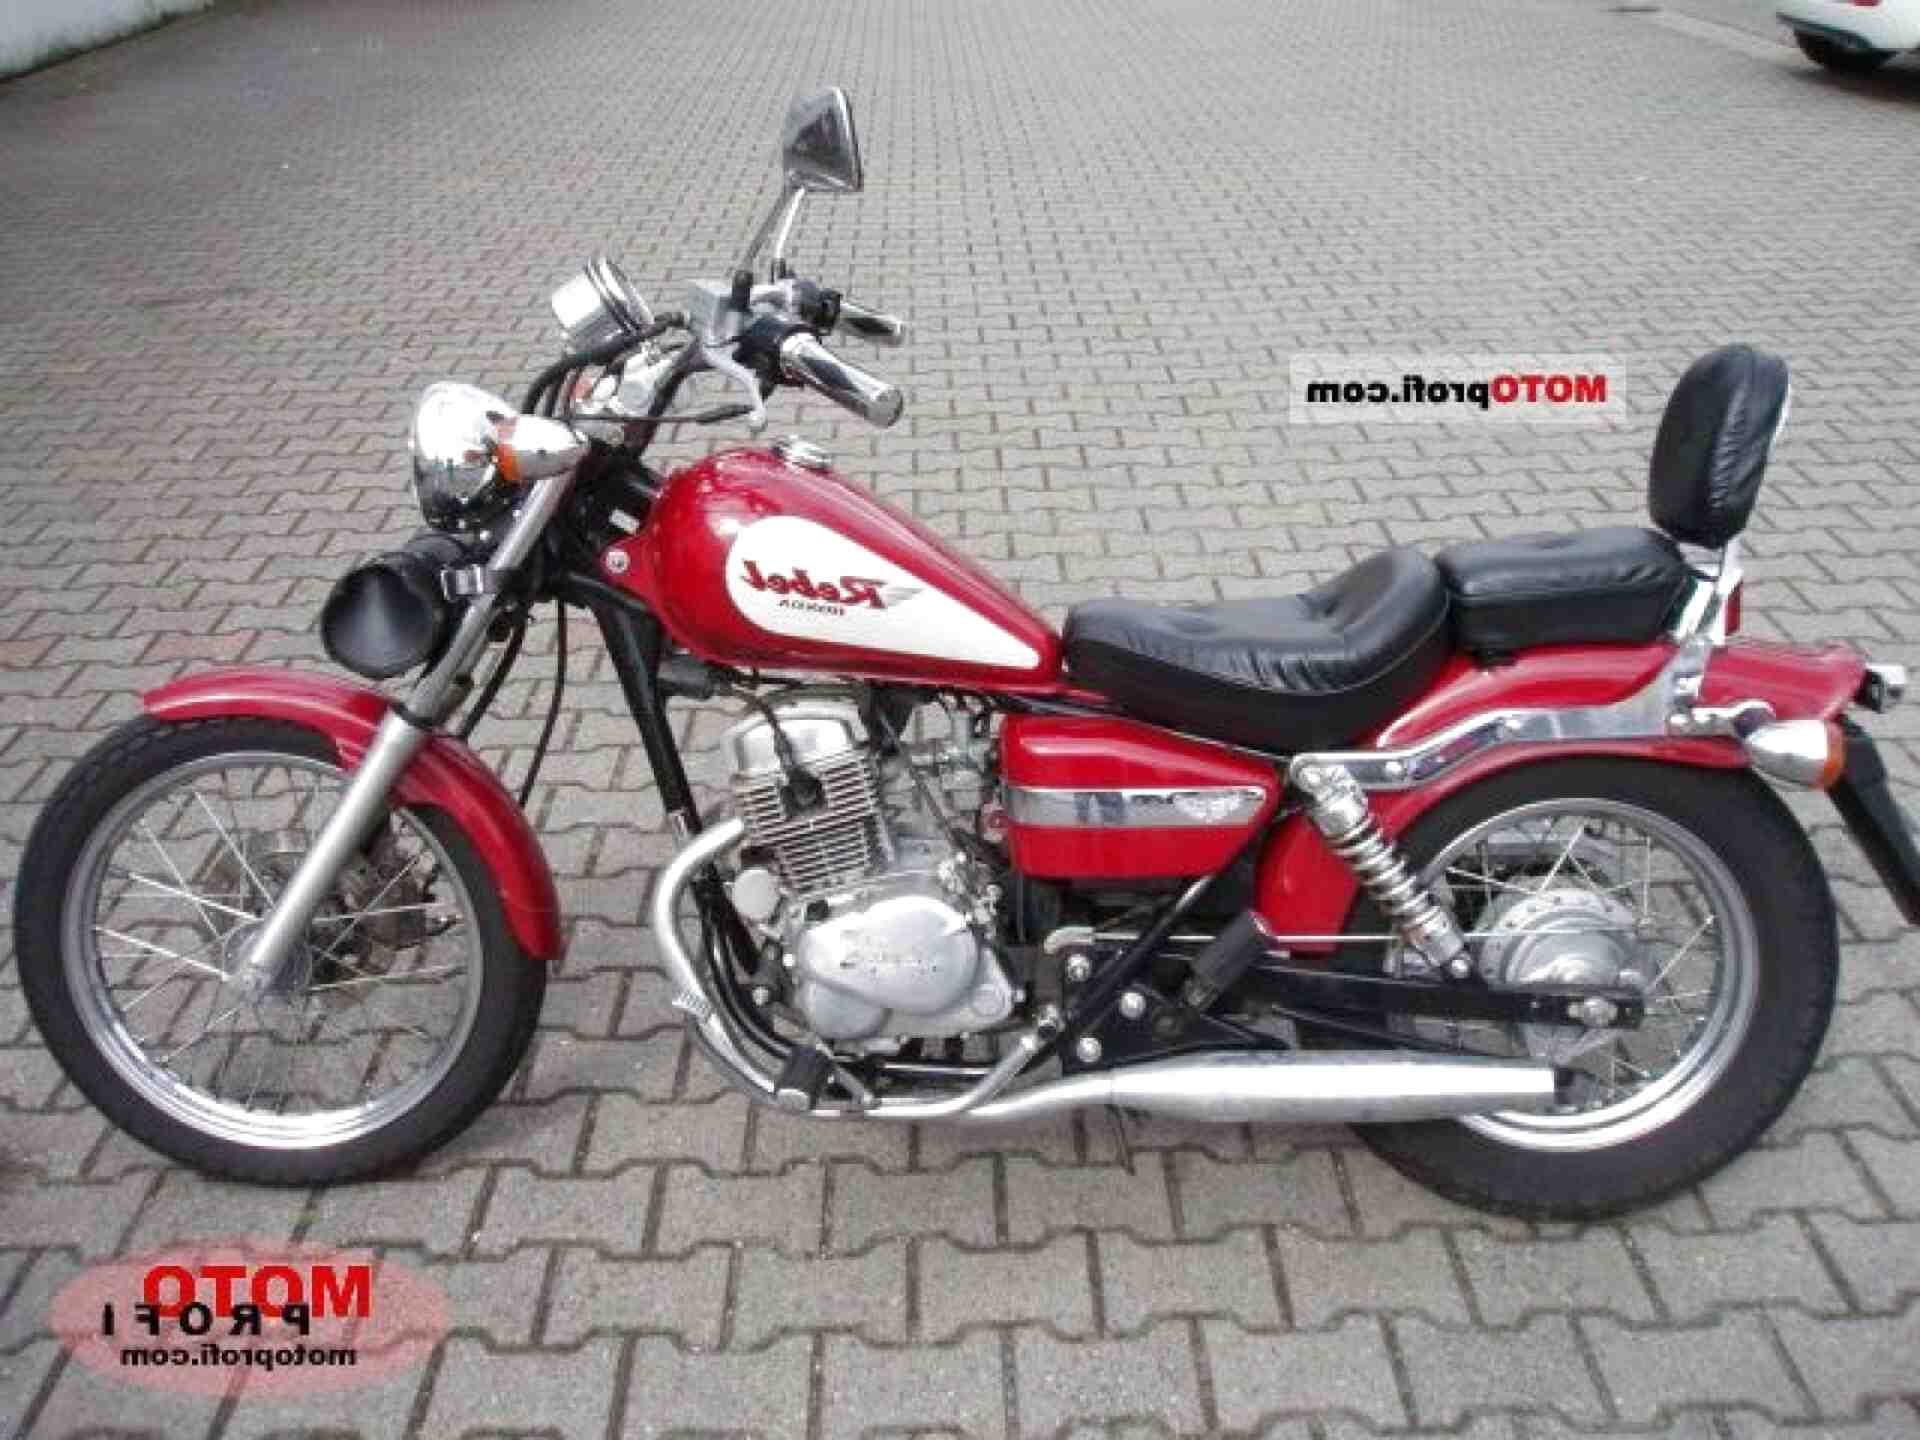 Honda Rebel 125 De Segunda Mano Solo Quedan 2 Al 60